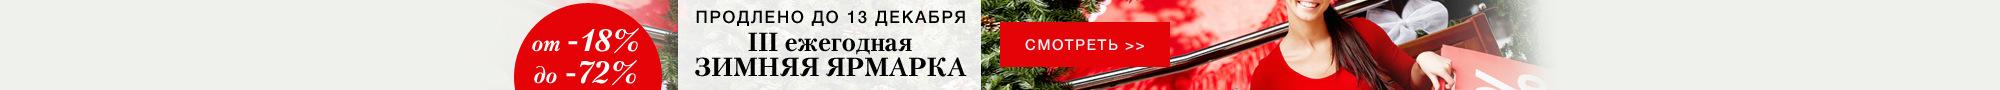 III Ежегодная Зимняя Ярмарка на KGMART.RU! Скидки от 18% до 72% на всё (продлено)